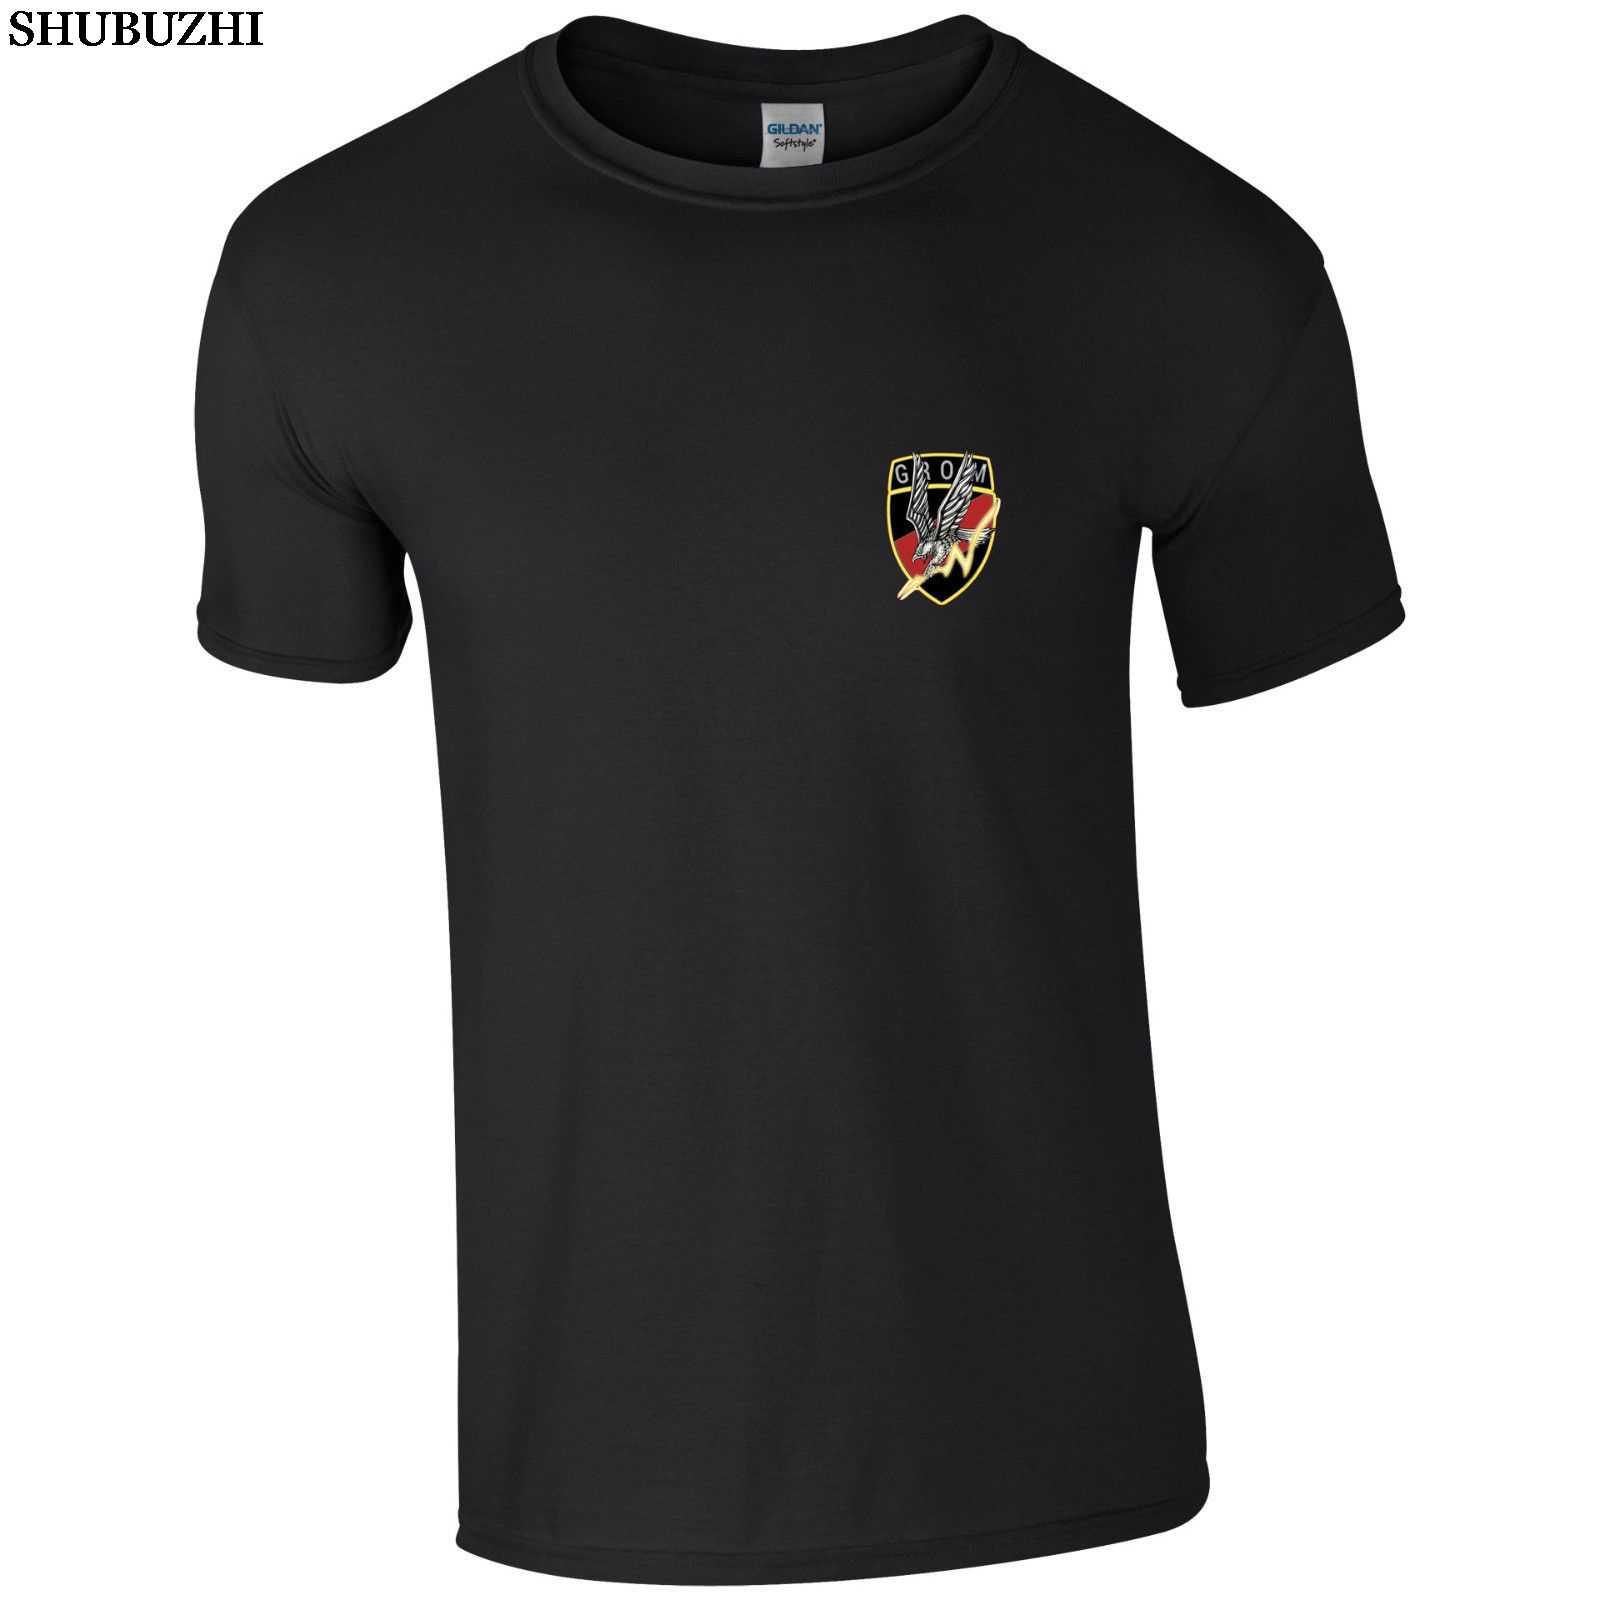 Shubuzhi ファッションソリッドカラー男性 Tシャツポーランド特殊部隊 GROM ポーランド軍の男性の綿 Tシャツカジュアル Tシャツ